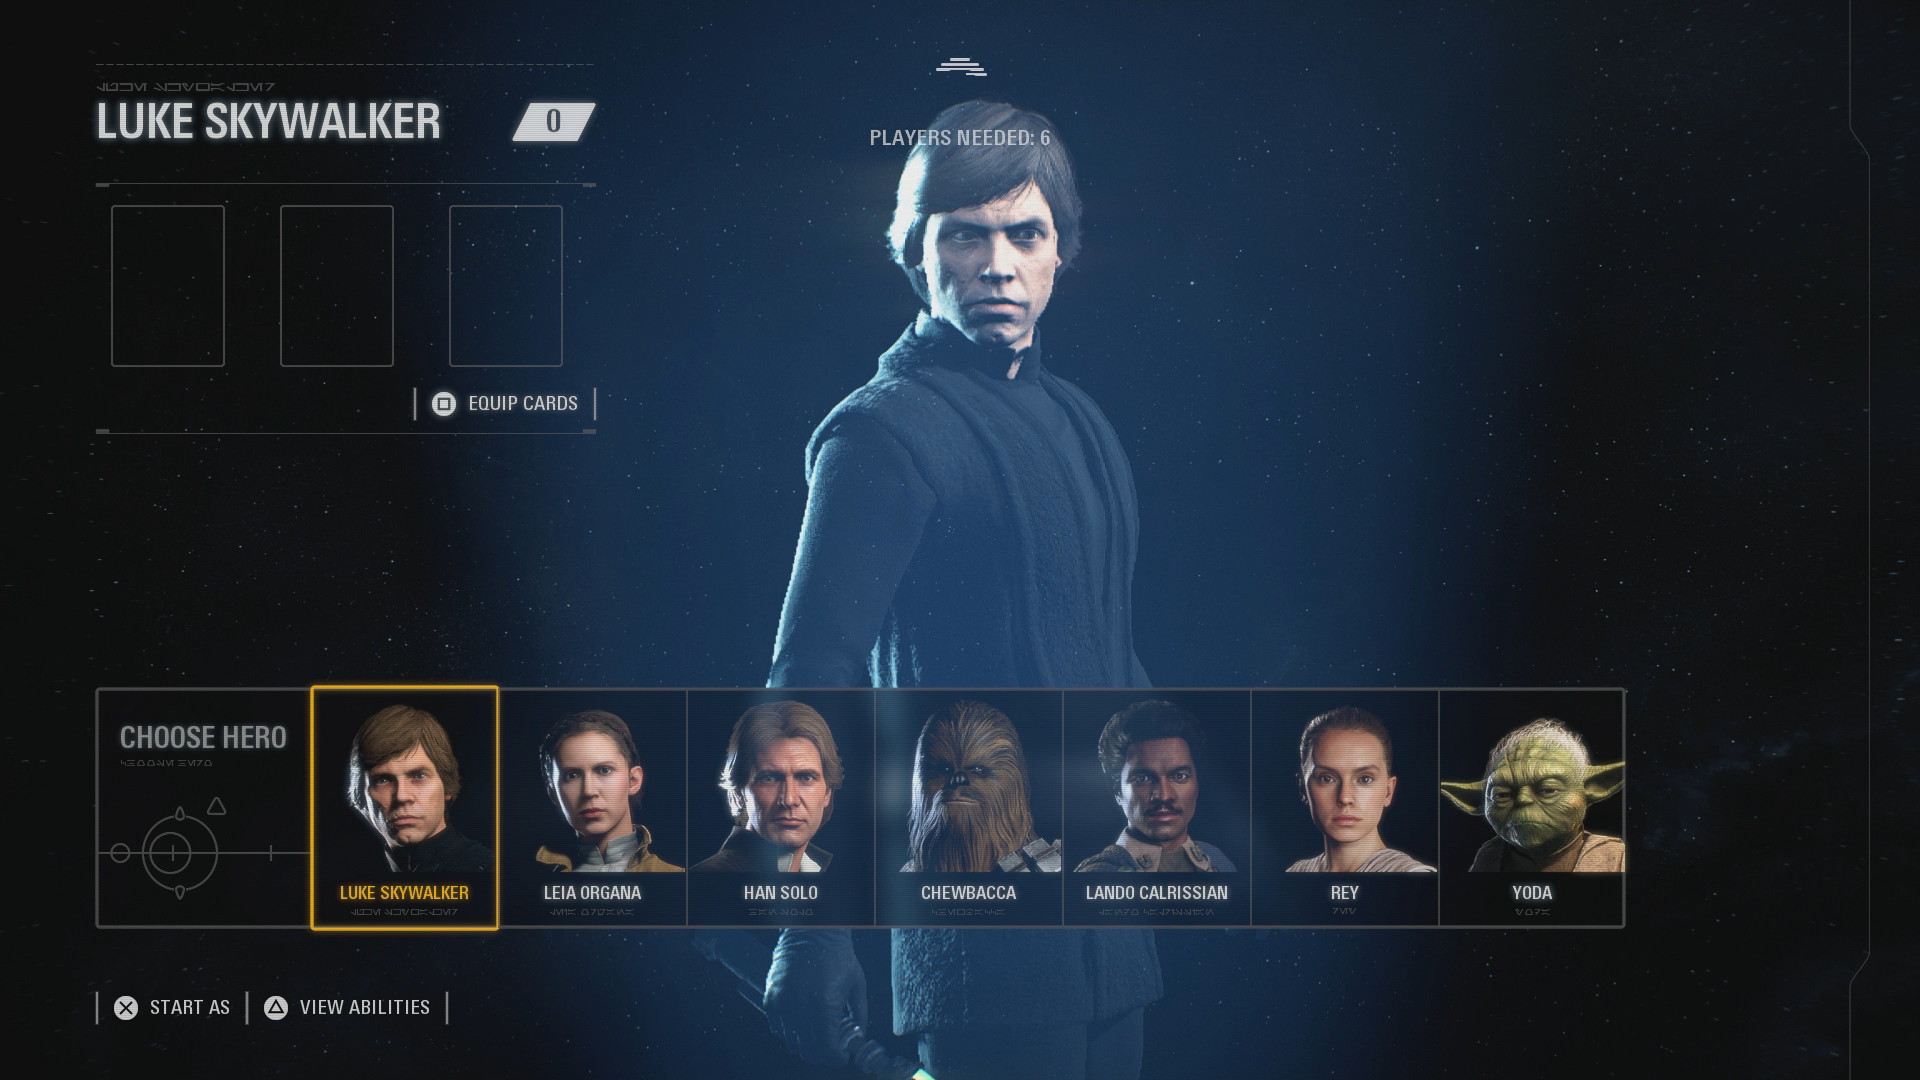 Star Wars Battlefront 2 angespielt: Sammeln ihr sollt ... - Auch Luke Skywalker ist mit von der Partie. (Bild: EA/Screenshot: Golem.de)